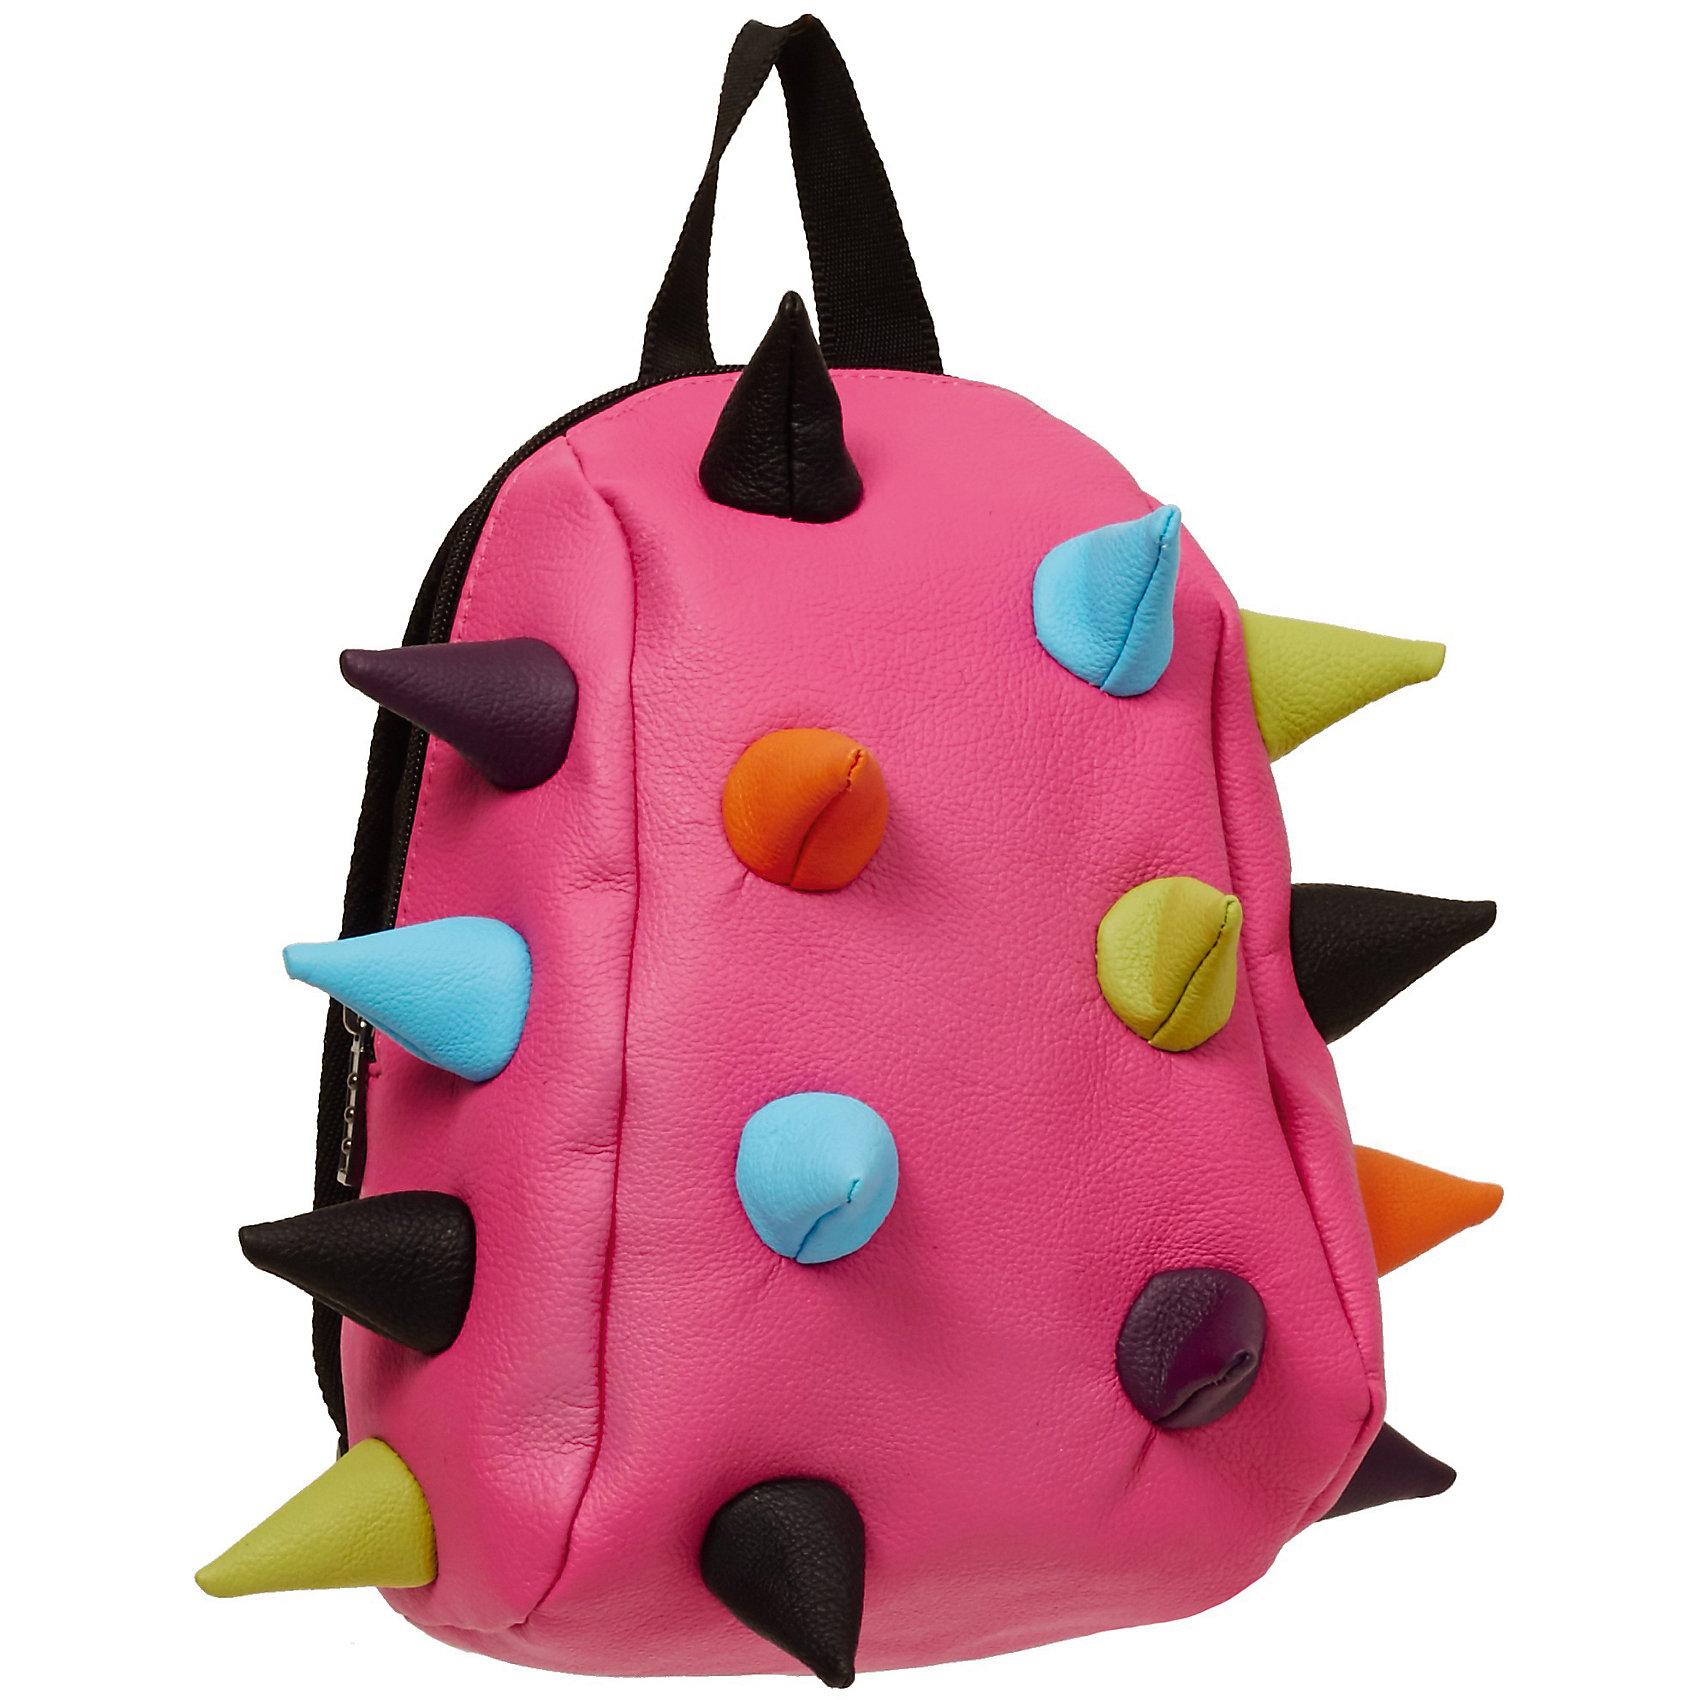 Рюкзак Rex Pint Mini 2, цвет розовый мультиРюкзаки<br>Стильный рюкзак-мини «Rex Mini» несомненно порадует маленьких детей.<br>Маленькие вместительные монстрики, приведут в восторг беззаботных детишек, а заодно решат проблему родителей с хранением всякой мелочи, как например, запасной футболки с любимым героем мультфильма, карандашами и другими мелкими, но не менее необходимыми личными вещами малышей.<br>Рюкзак имеет один просторный отсек с застежкой на молнию, длину лямок можно легко регулировать.<br><br>Ширина мм: 31<br>Глубина мм: 23<br>Высота мм: 15<br>Вес г: 272<br>Возраст от месяцев: 36<br>Возраст до месяцев: 420<br>Пол: Унисекс<br>Возраст: Детский<br>SKU: 5344332